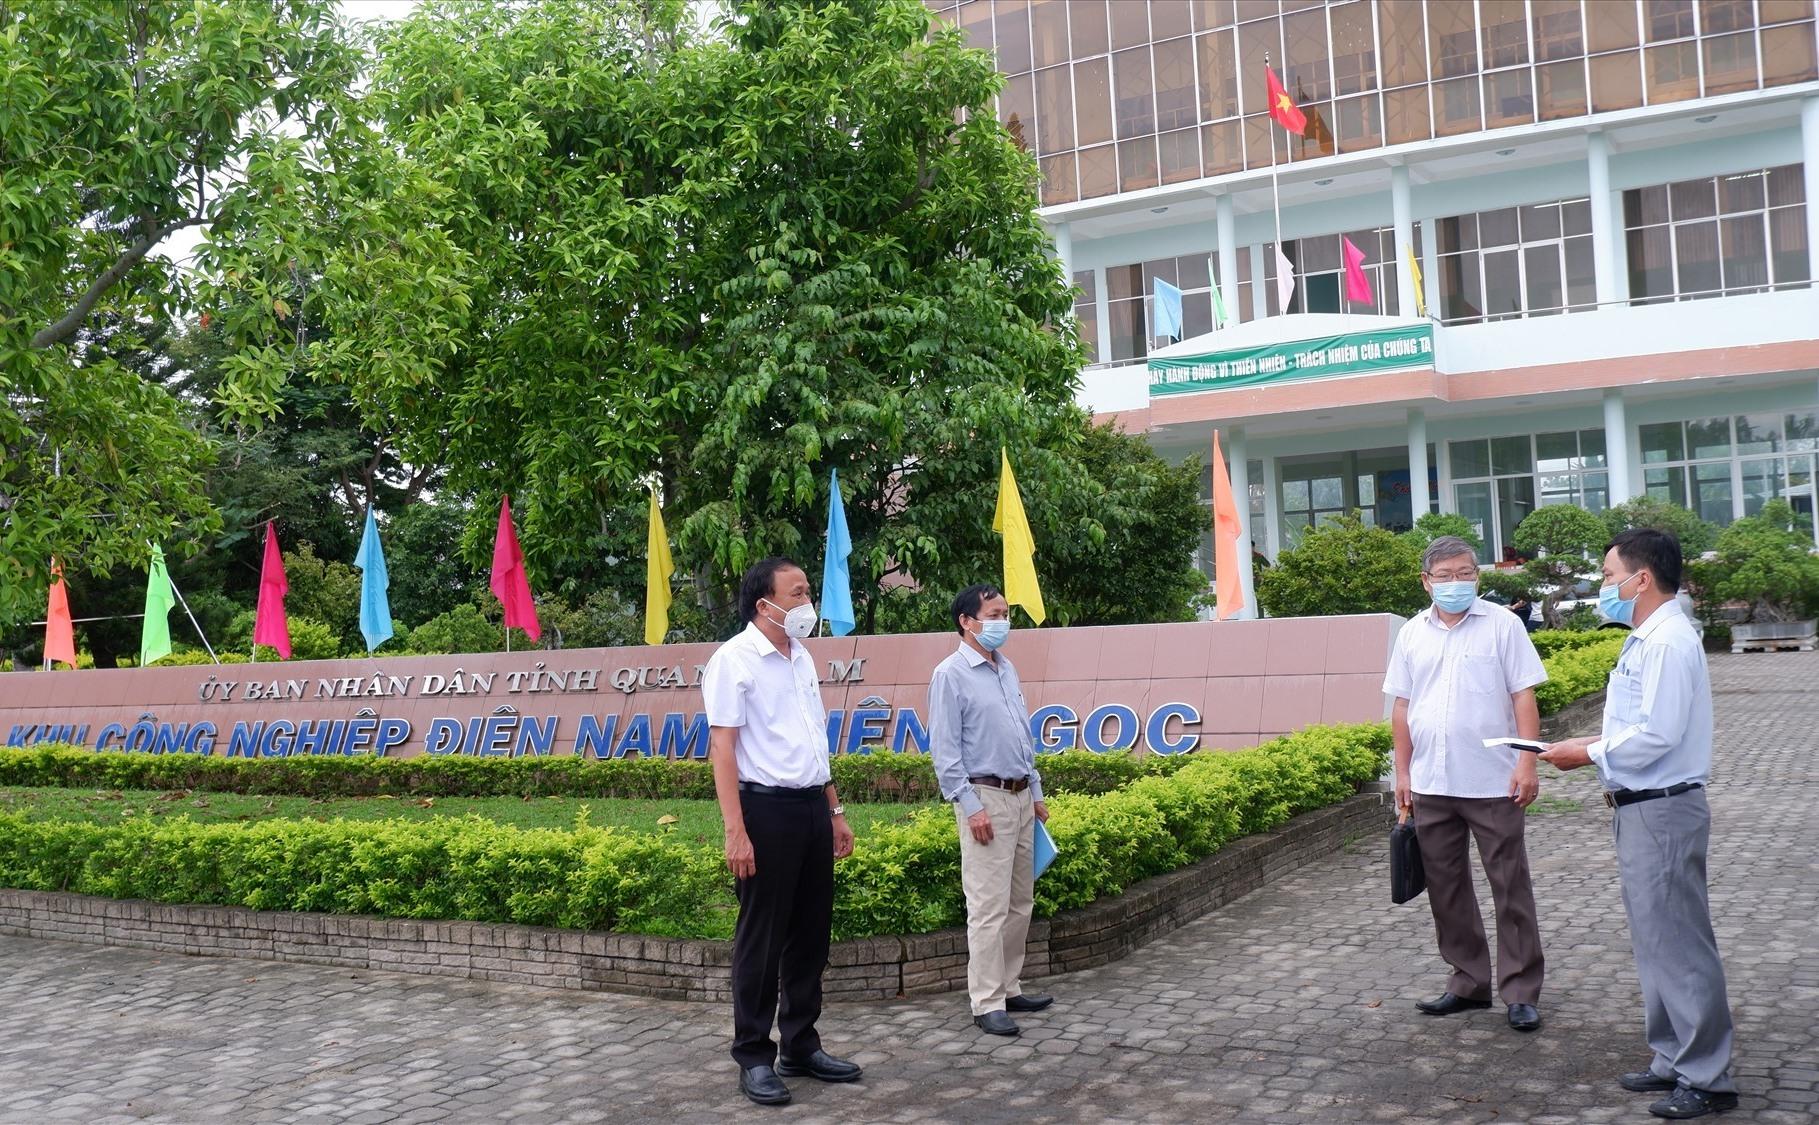 Đoàn Sở Y tế làm việc về công tác phòng chống dịch tại Khu Công nghiệp Điện Nam - Điện Ngọc vào sáng nay. Ảnh: X.H